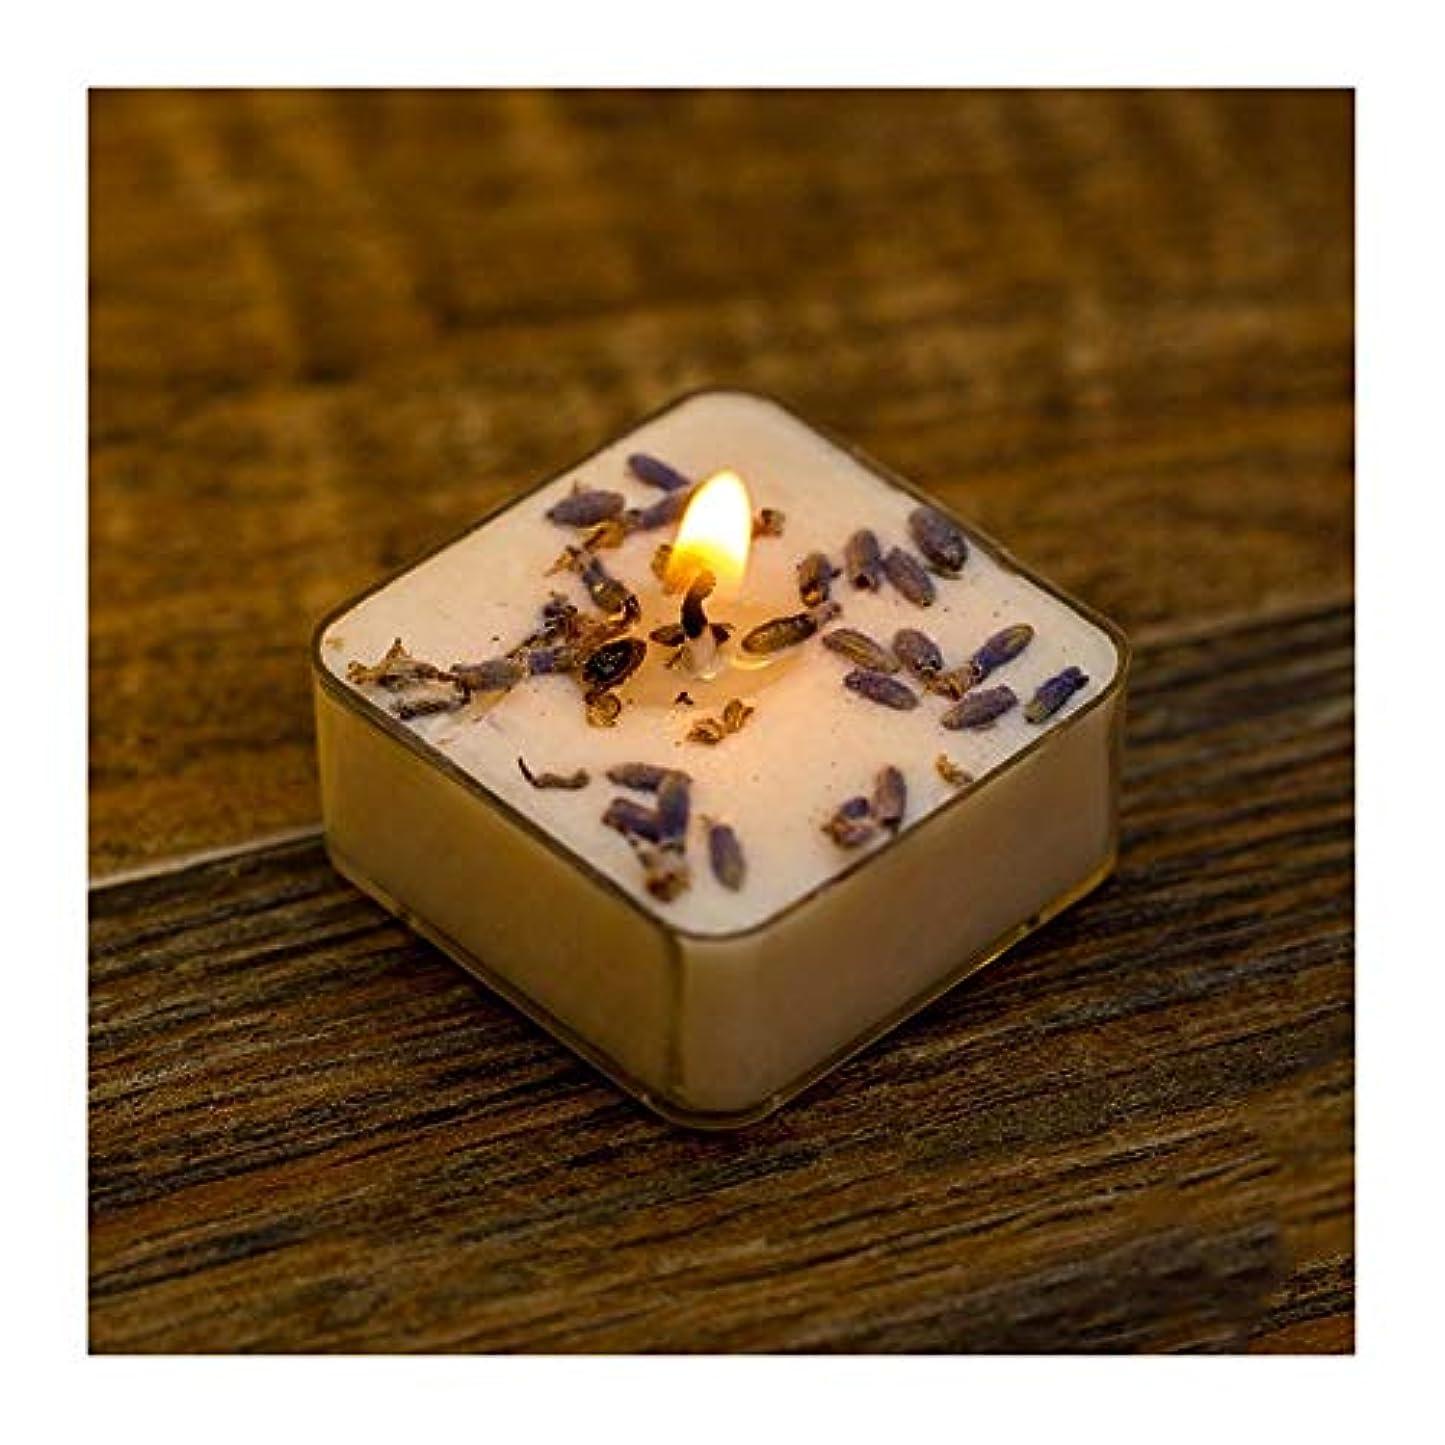 オーナー熟した平和的Guomao 無煙アロマキャンドル手作りのカスタムロマンチックな結婚誕生日の雰囲気のラベンダーフレーバーキャンドル (色 : Green tea)